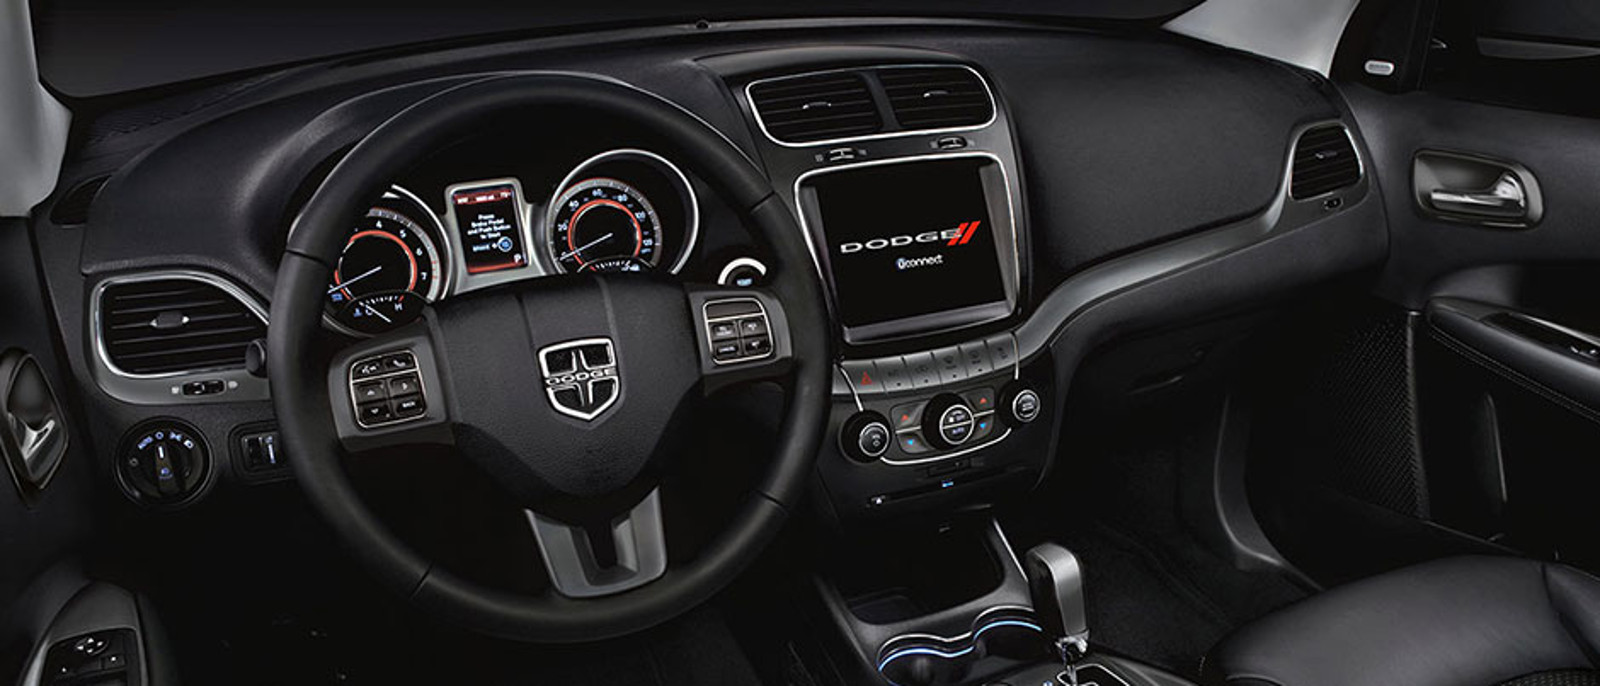 2014 Dodge Journey Interior Dash